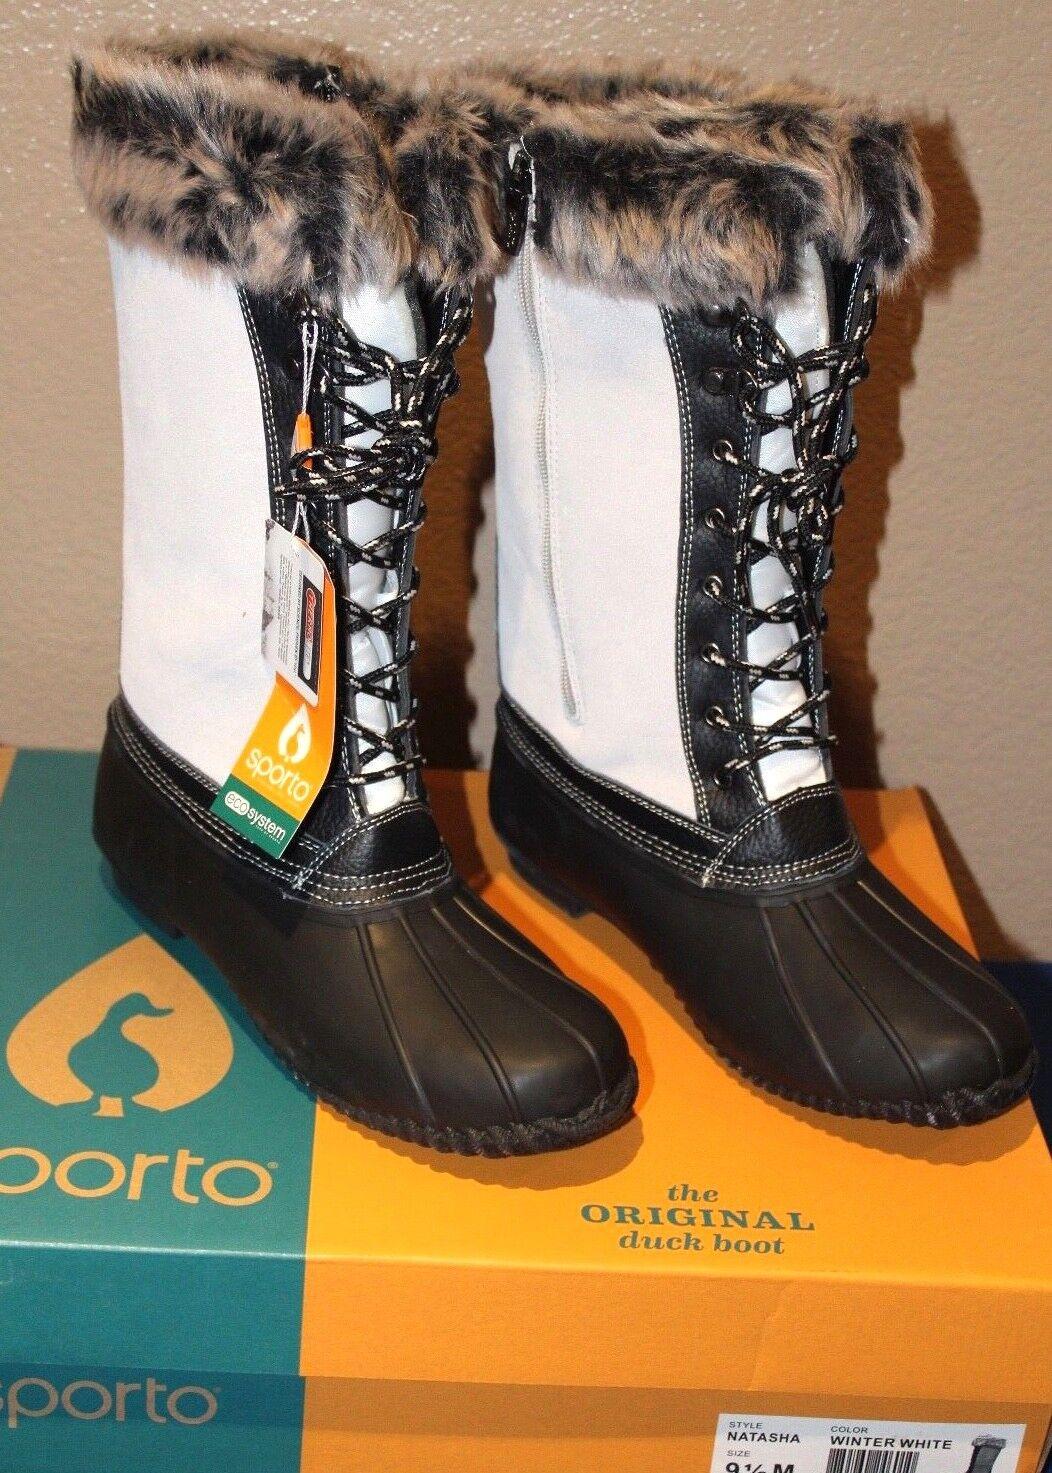 Sporto® Sporto® Sporto® Natasha; Waterproof Suede and Leather Duck Boot, Winter White 71 2 M 226645